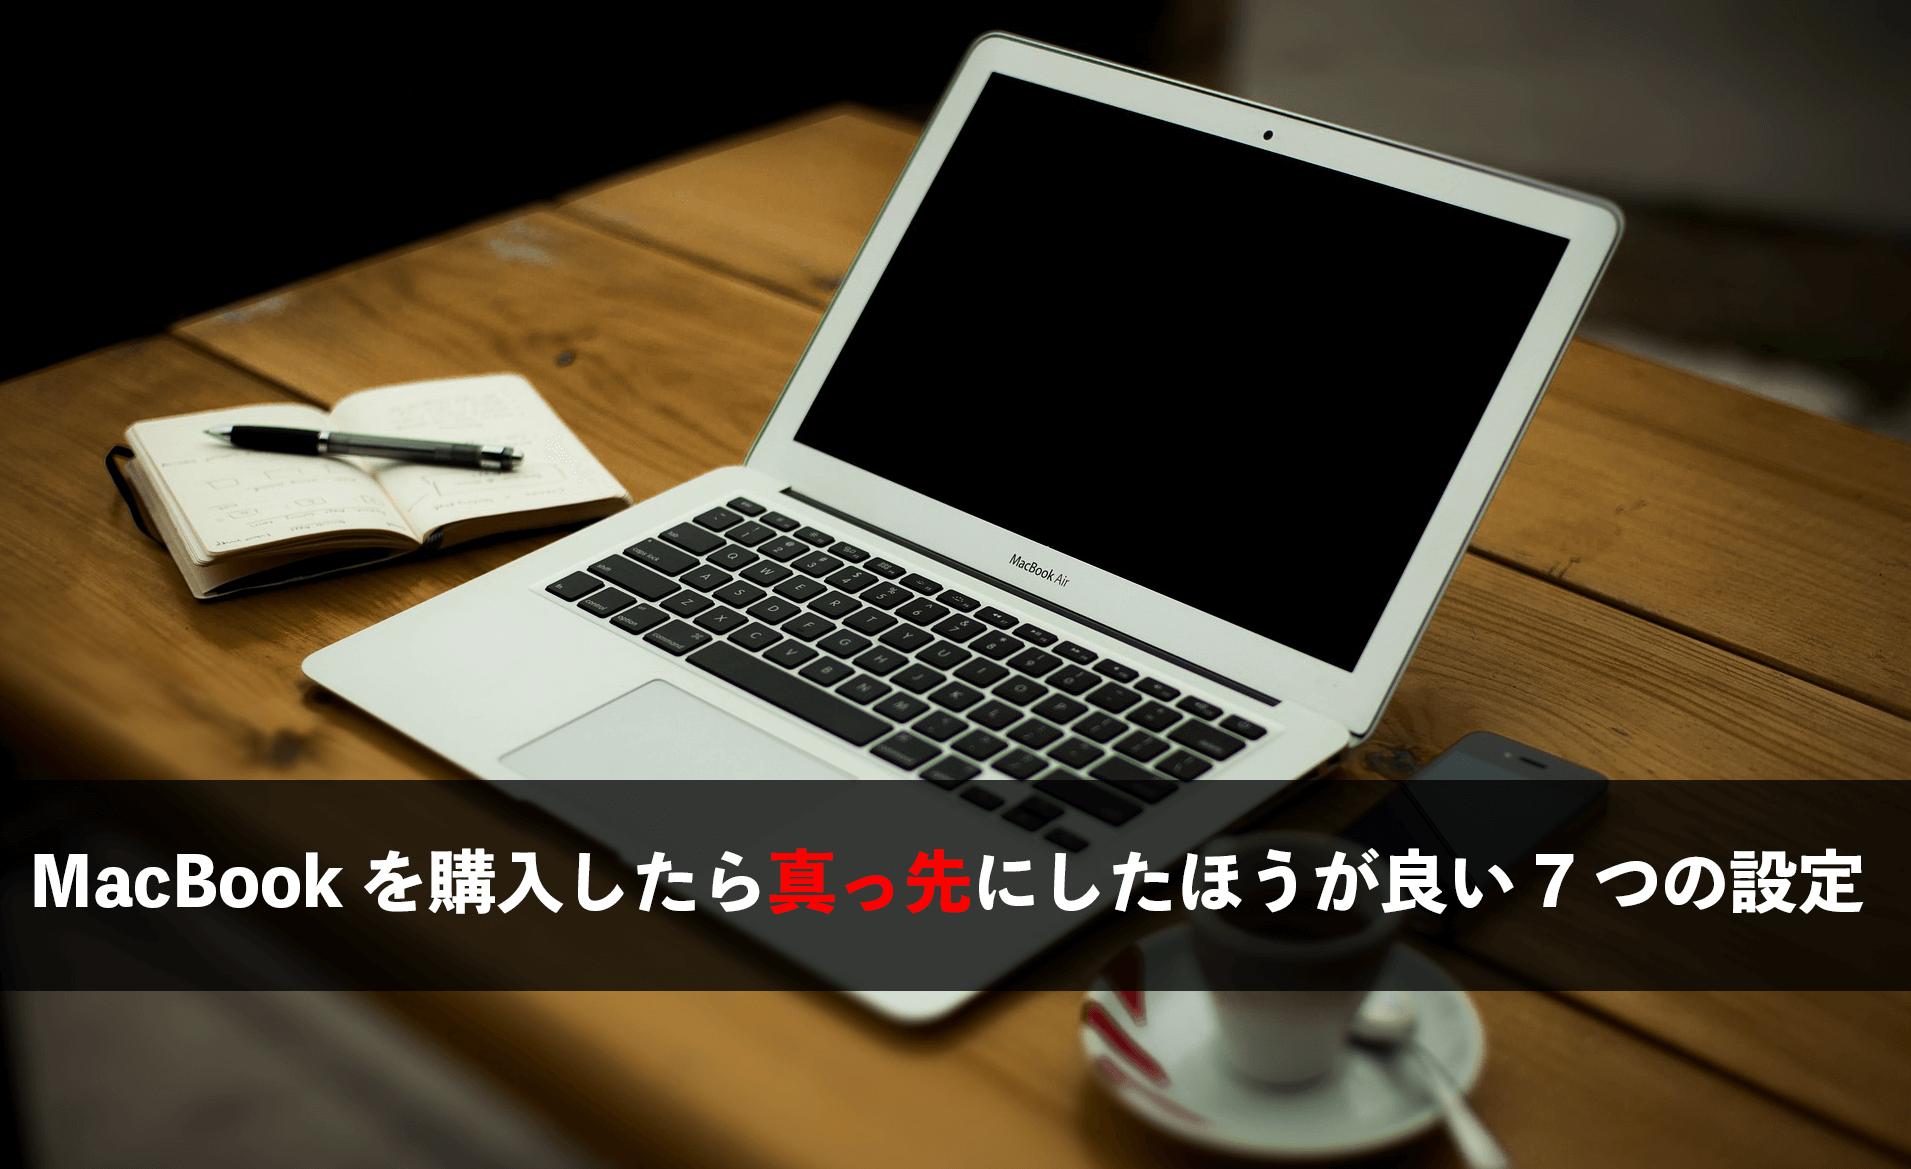 macbook-beginner-configuration